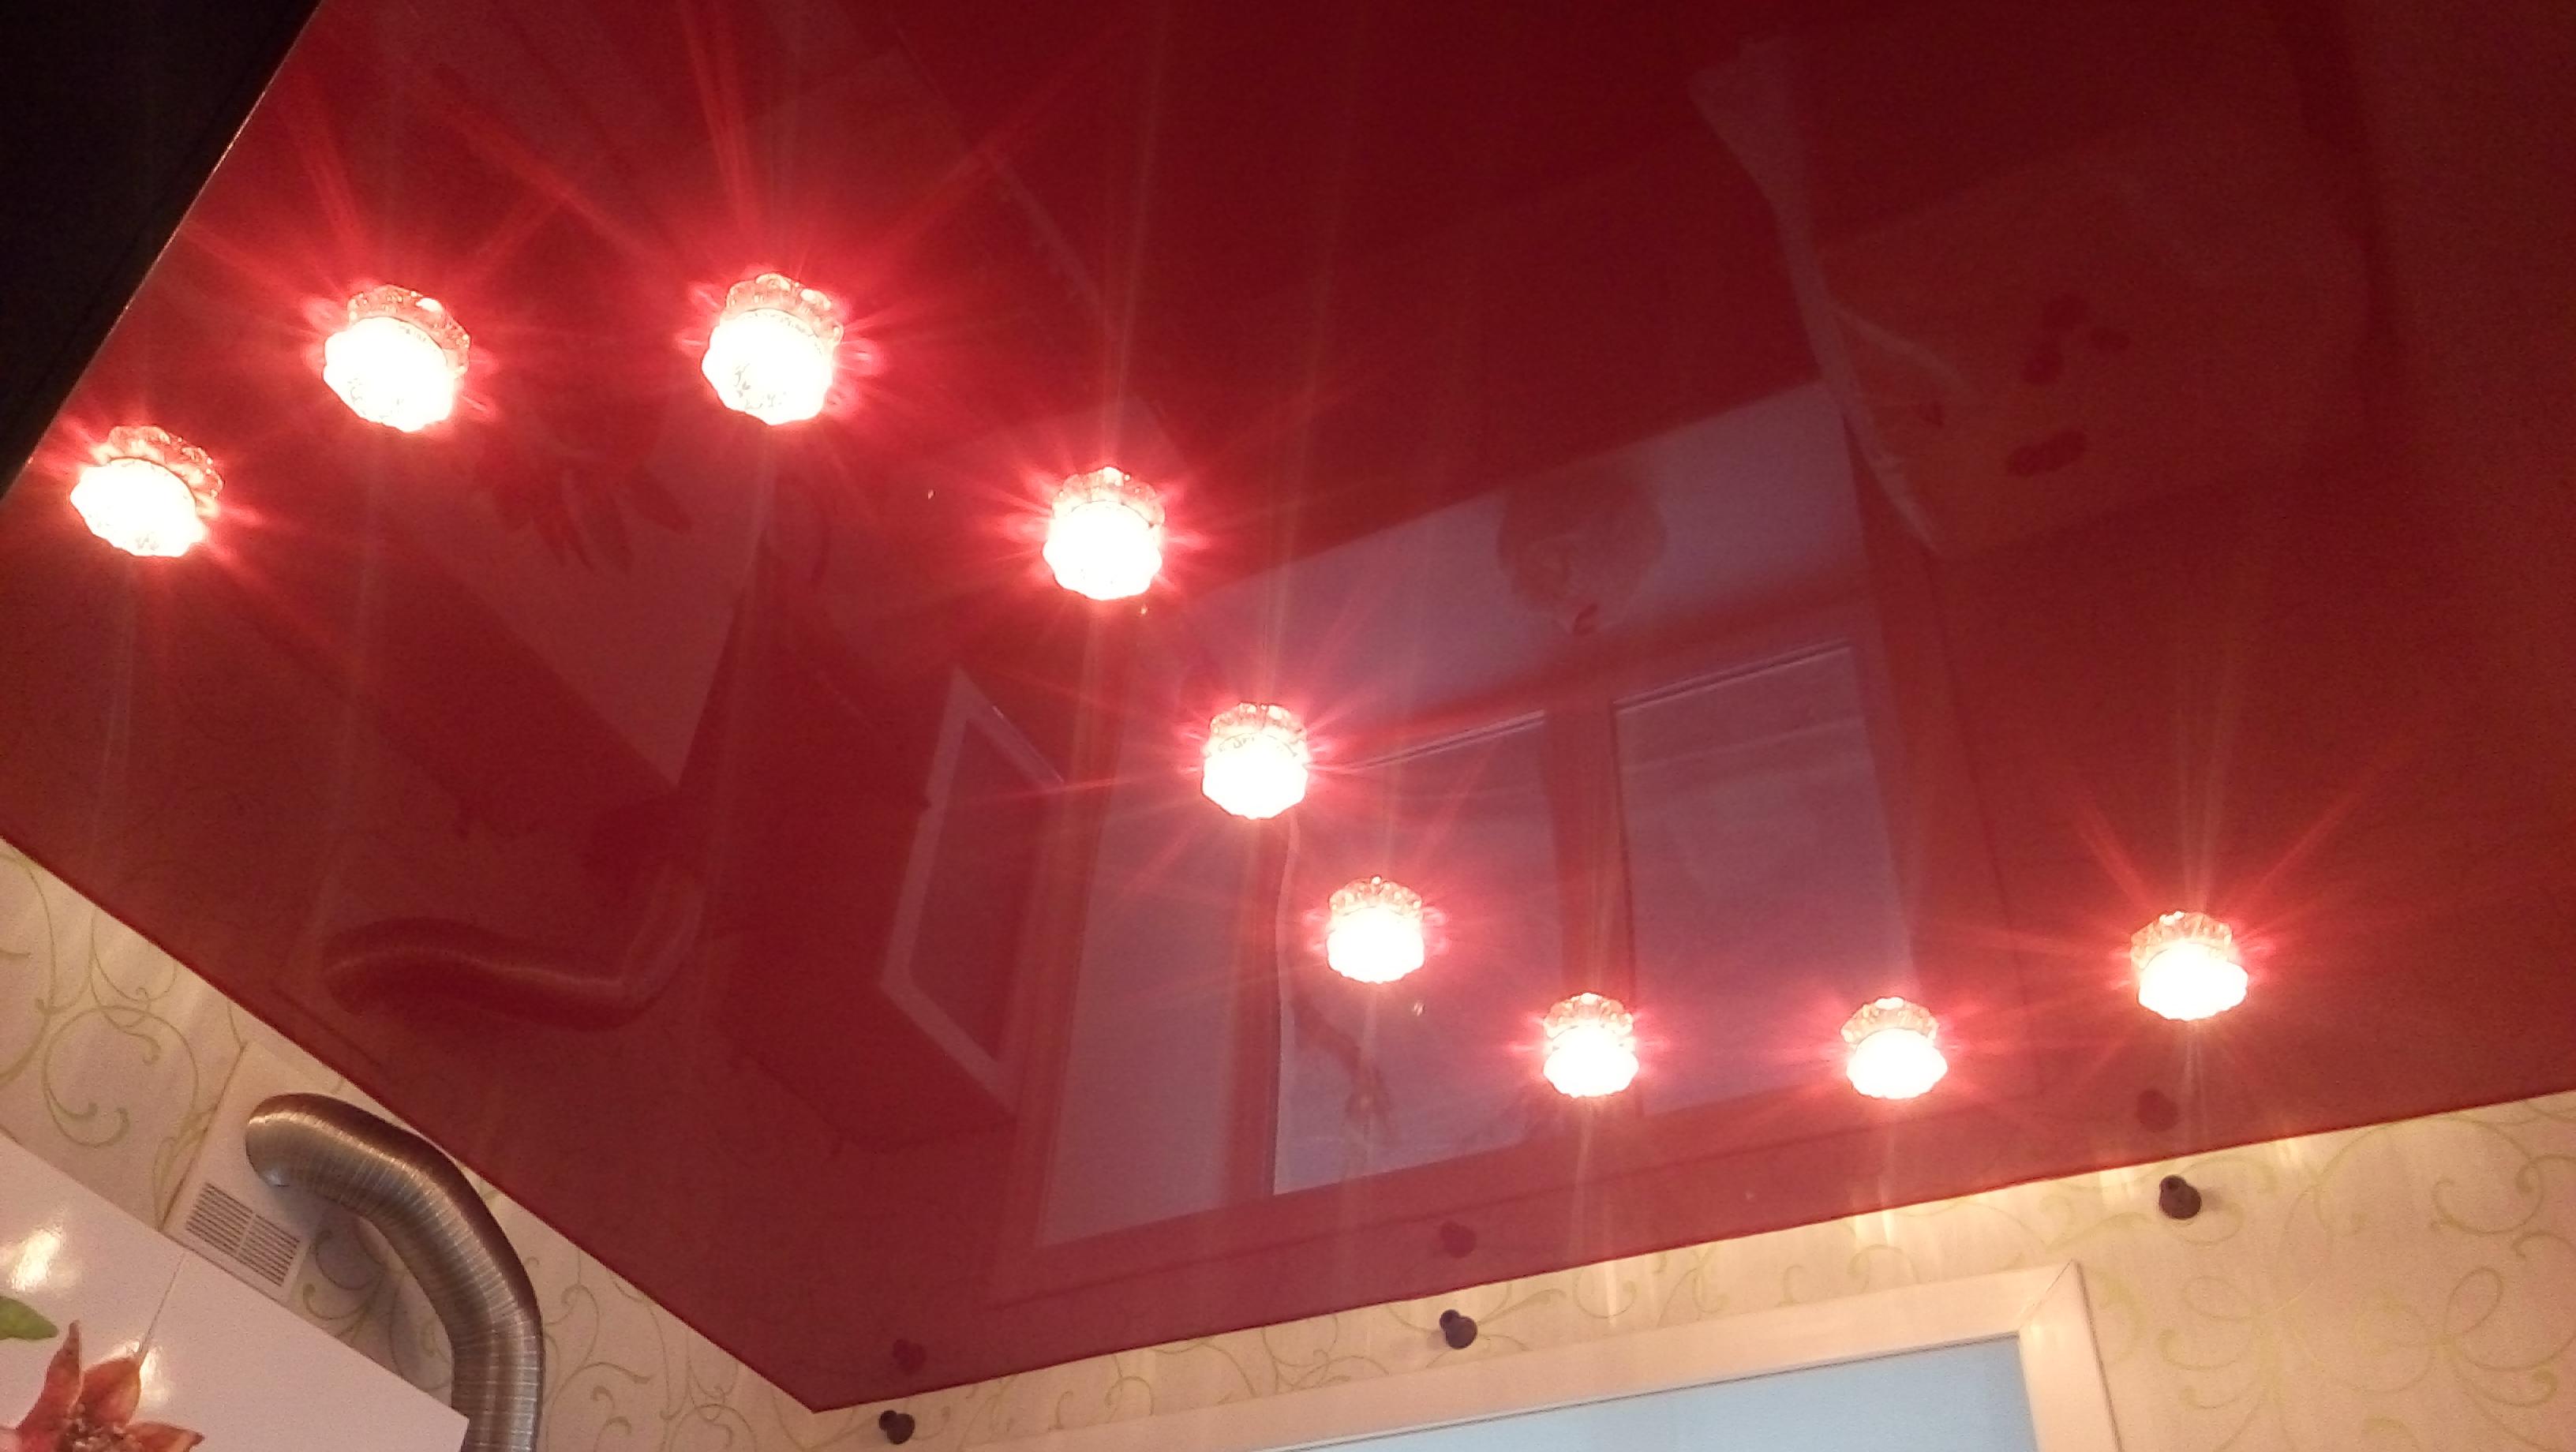 фотографии как расположить софиты на натяжном потолке фото сильном